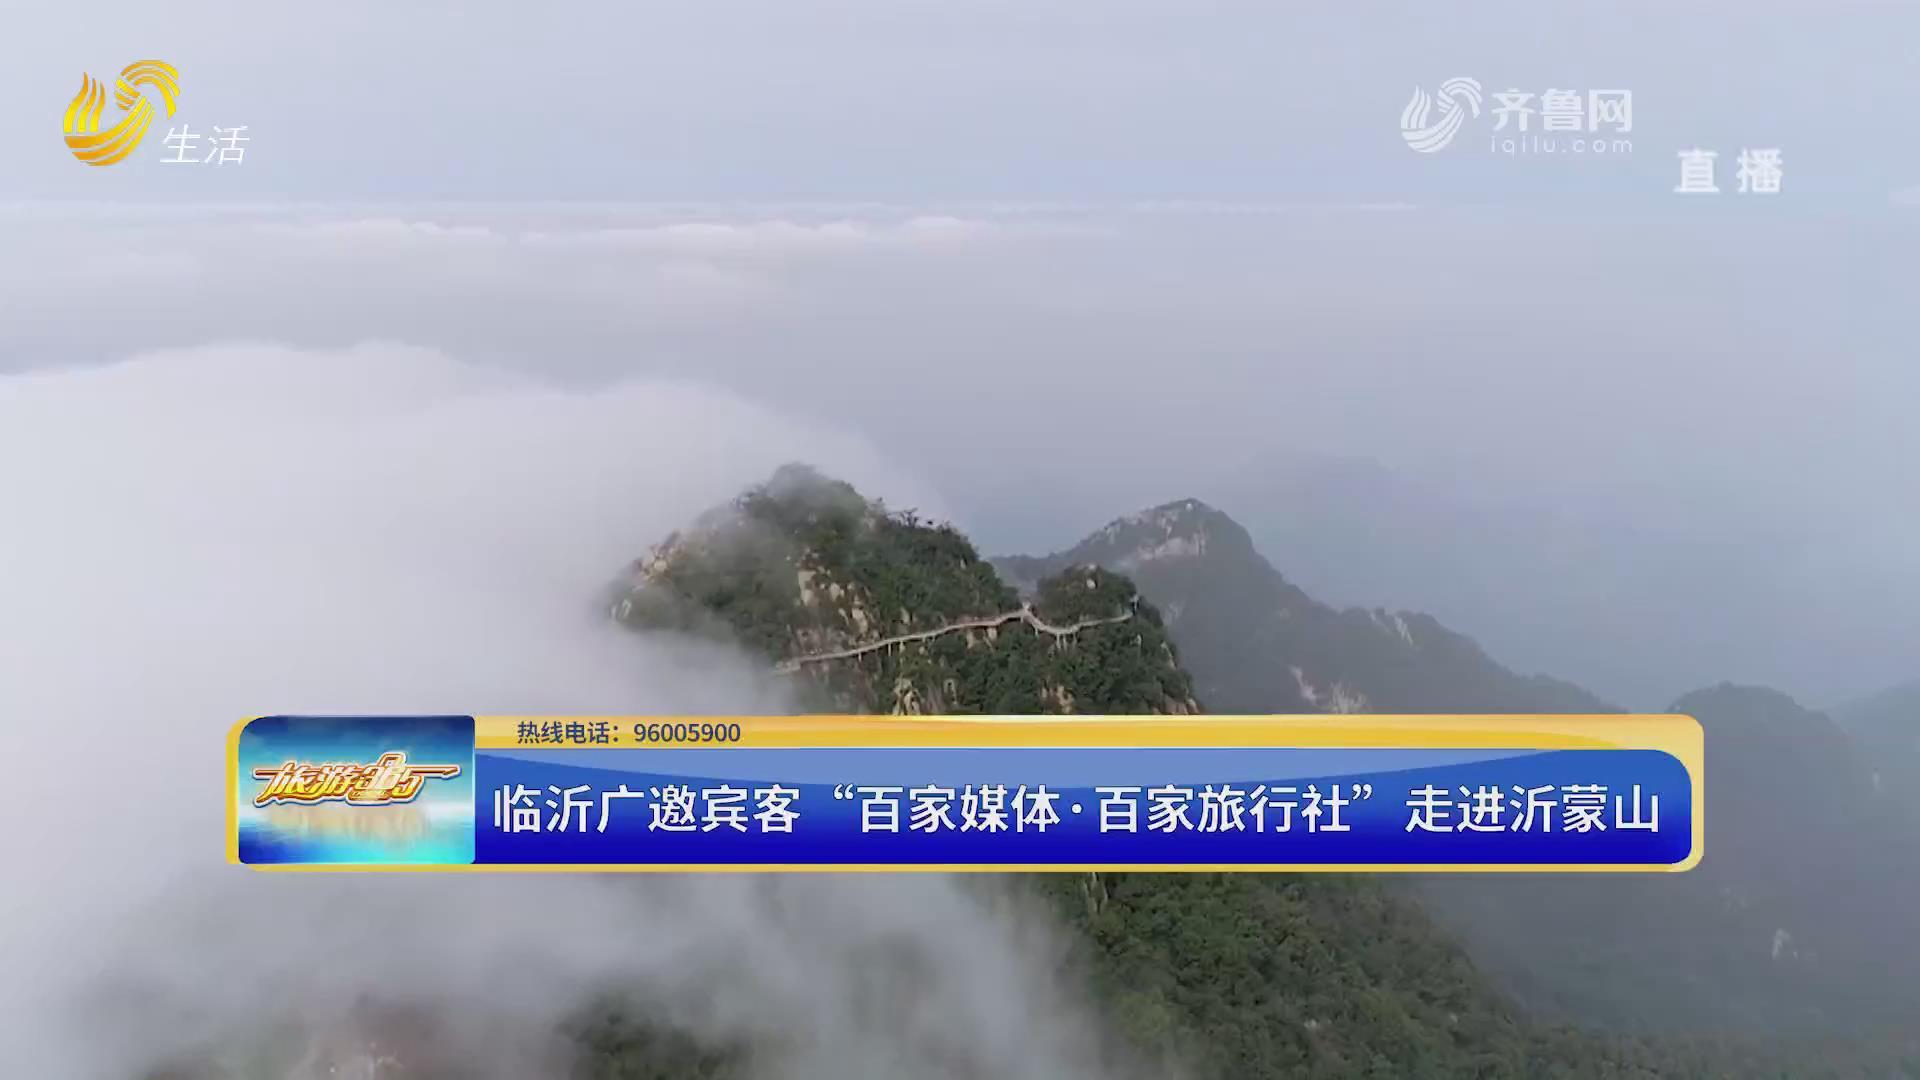 """臨沂廣邀賓客   """"百家媒體 ·百家旅行社""""走進沂蒙山"""